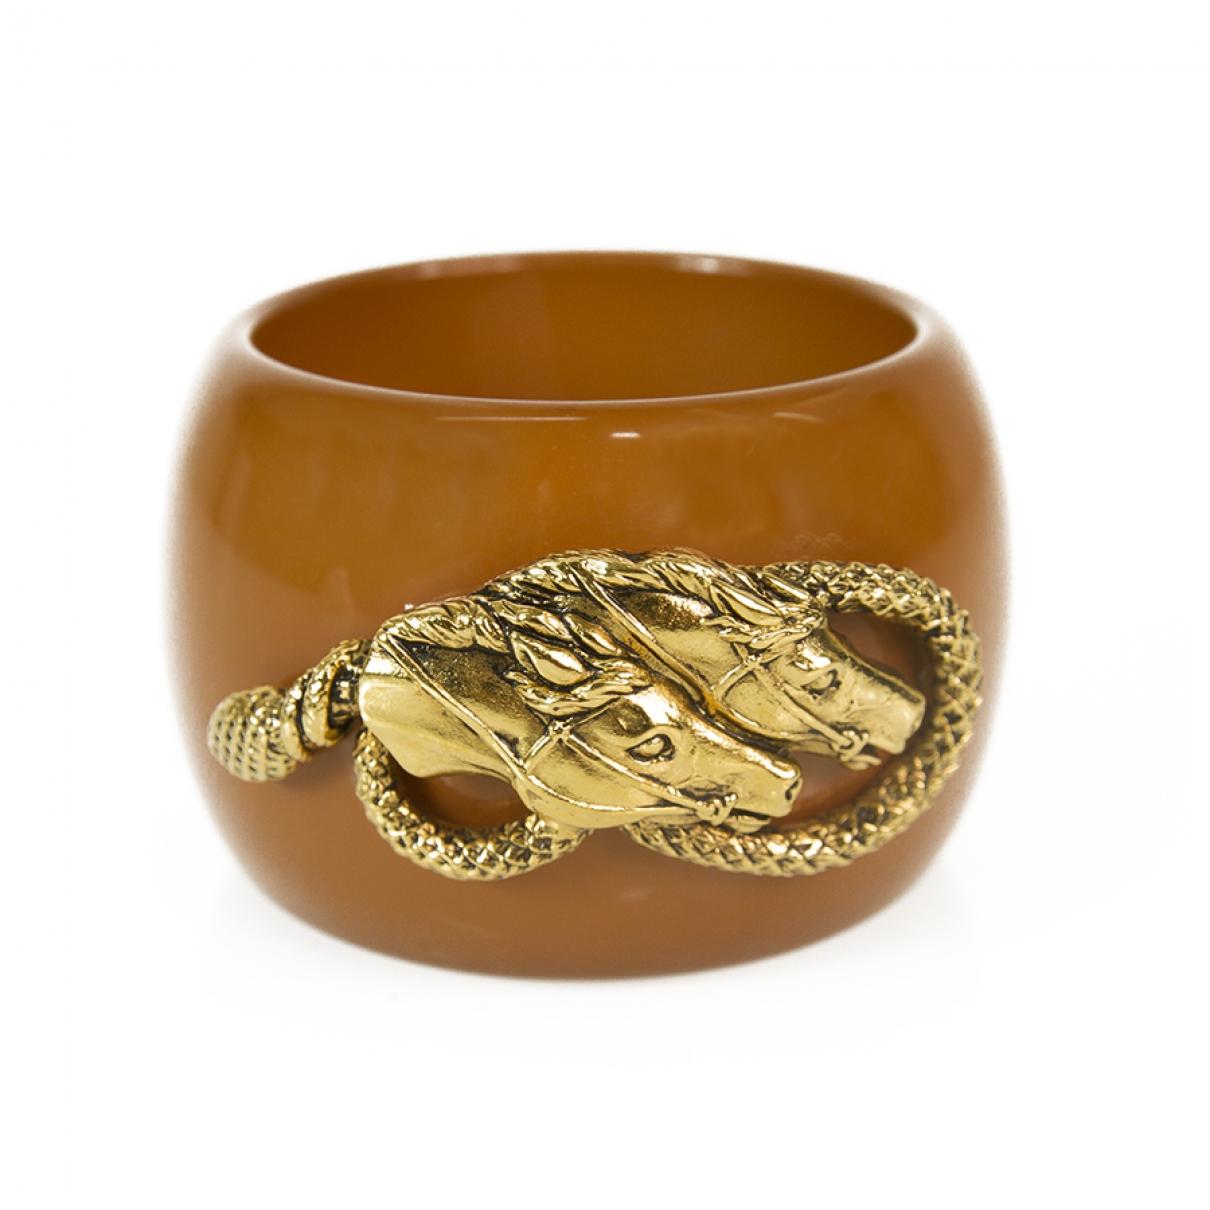 Roberto Cavalli \N Camel White gold bracelet for Women \N